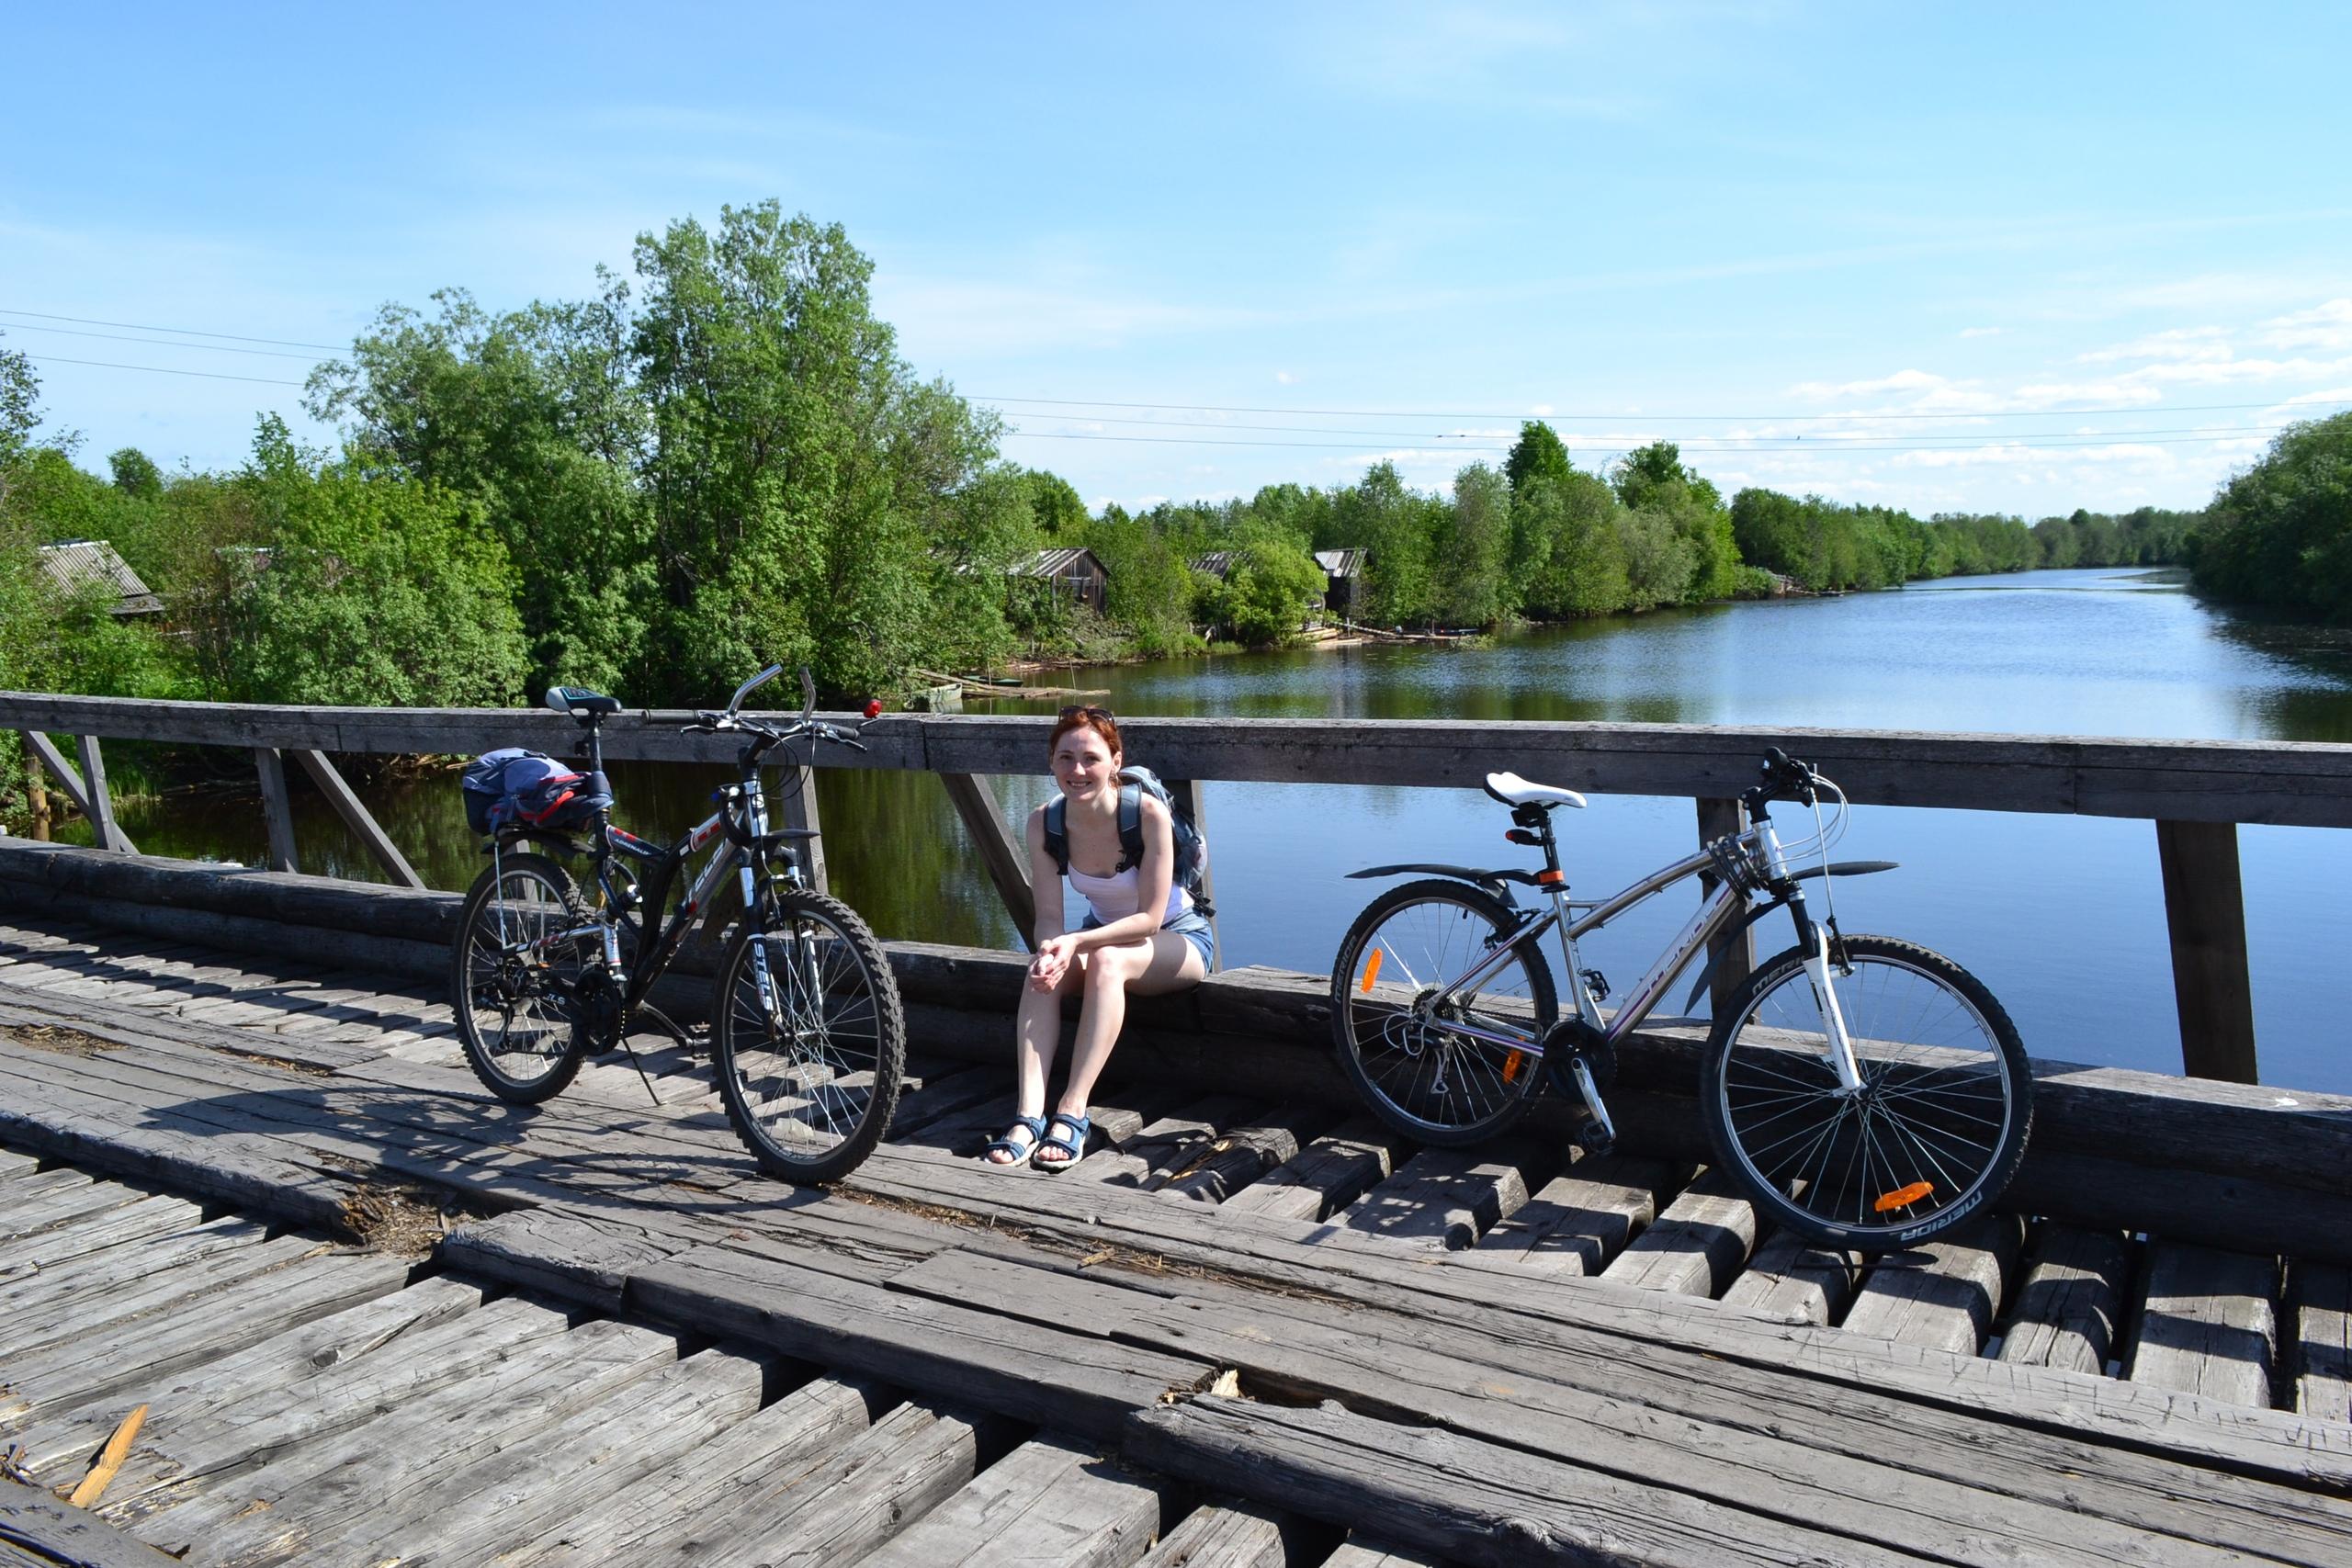 Дорожная безопасность и инструмент для экстренной починки велосипеда — то, что нужно в дороге обязательно